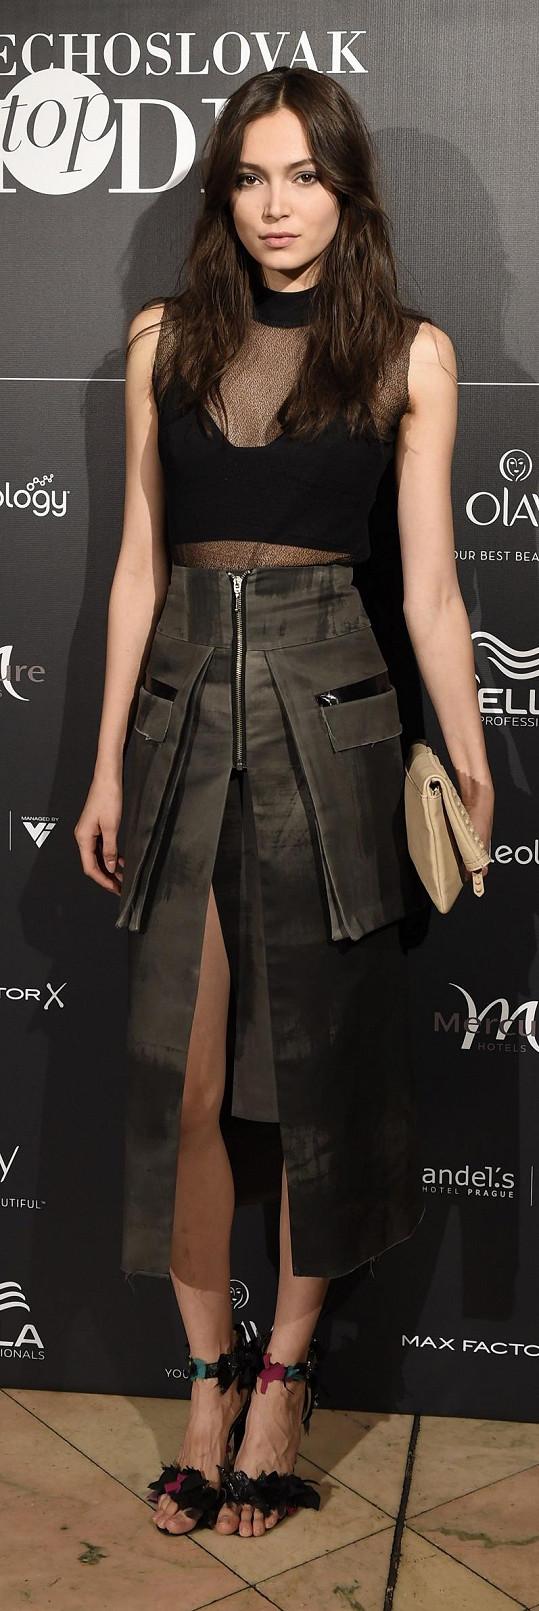 Díky postavě a kouzlu osobnosti si modelka Kateřina Vítová může s klidným svědomím dovolit i takto odvážně kombinovaný model od LaFormela.